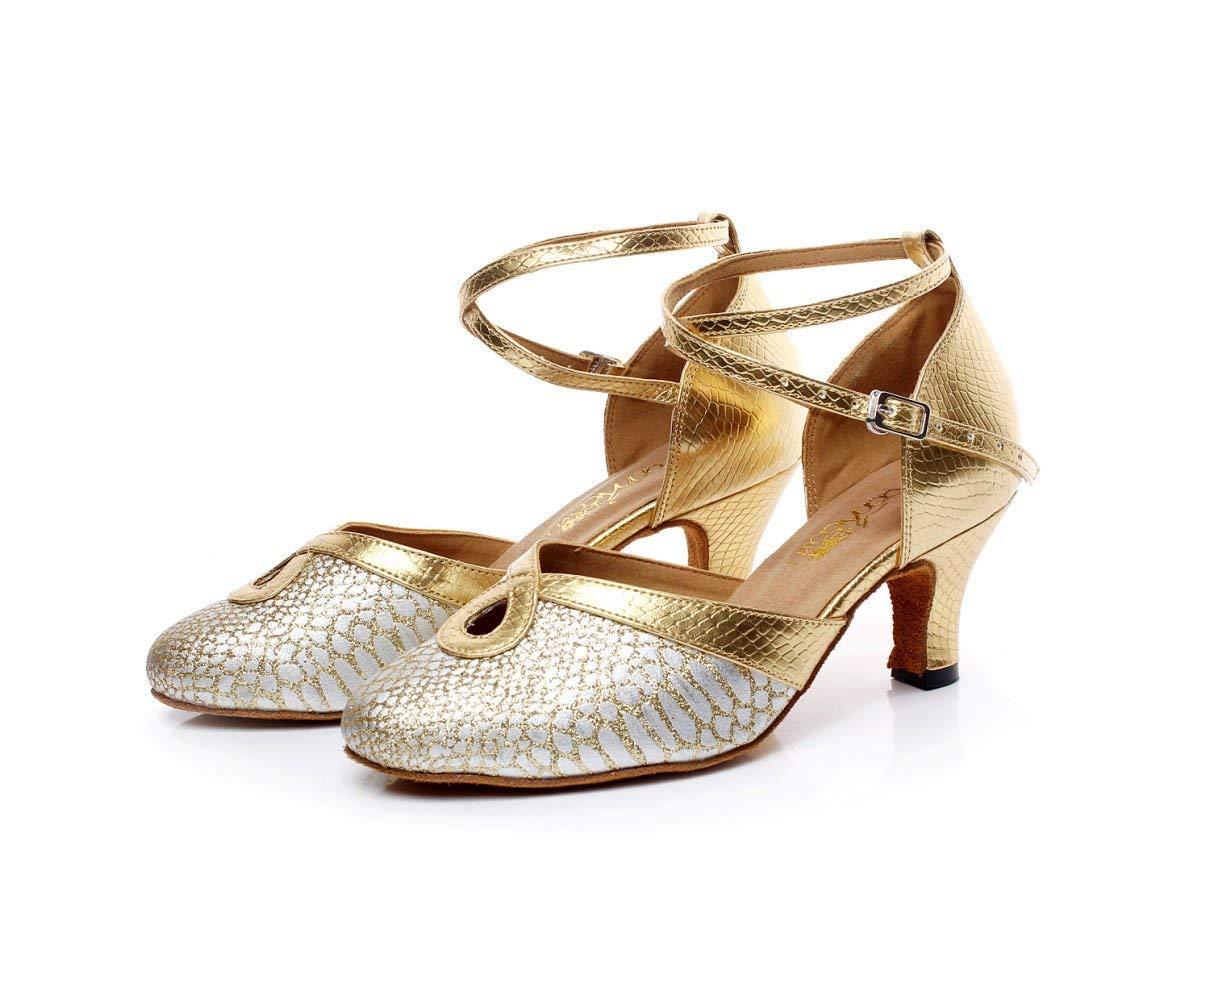 HhGold Damen Leder Spitz Kitten Ferse Latin Ballroom Dance Dance Dance Schuhe Salsa Tango Chacha Samba Modern Jazz Schuhe GelbHeeled6cm-UK3.5   EU34   Our35 9d4361